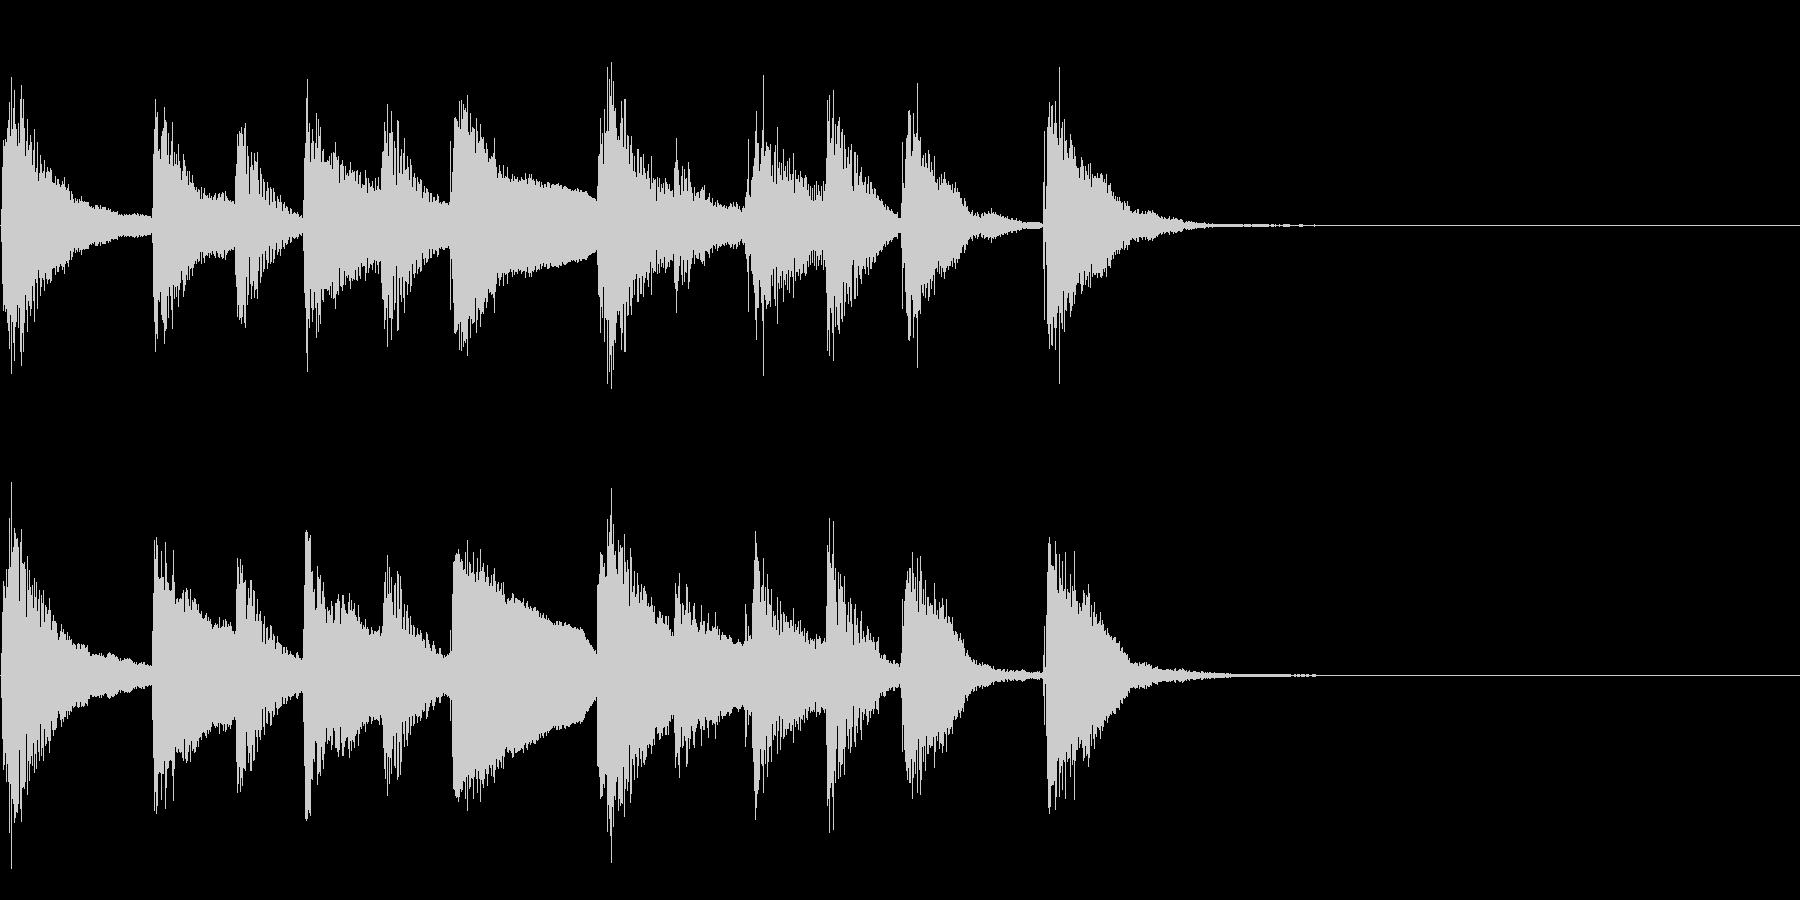 かわいいピアノのシンプルなジングルの未再生の波形